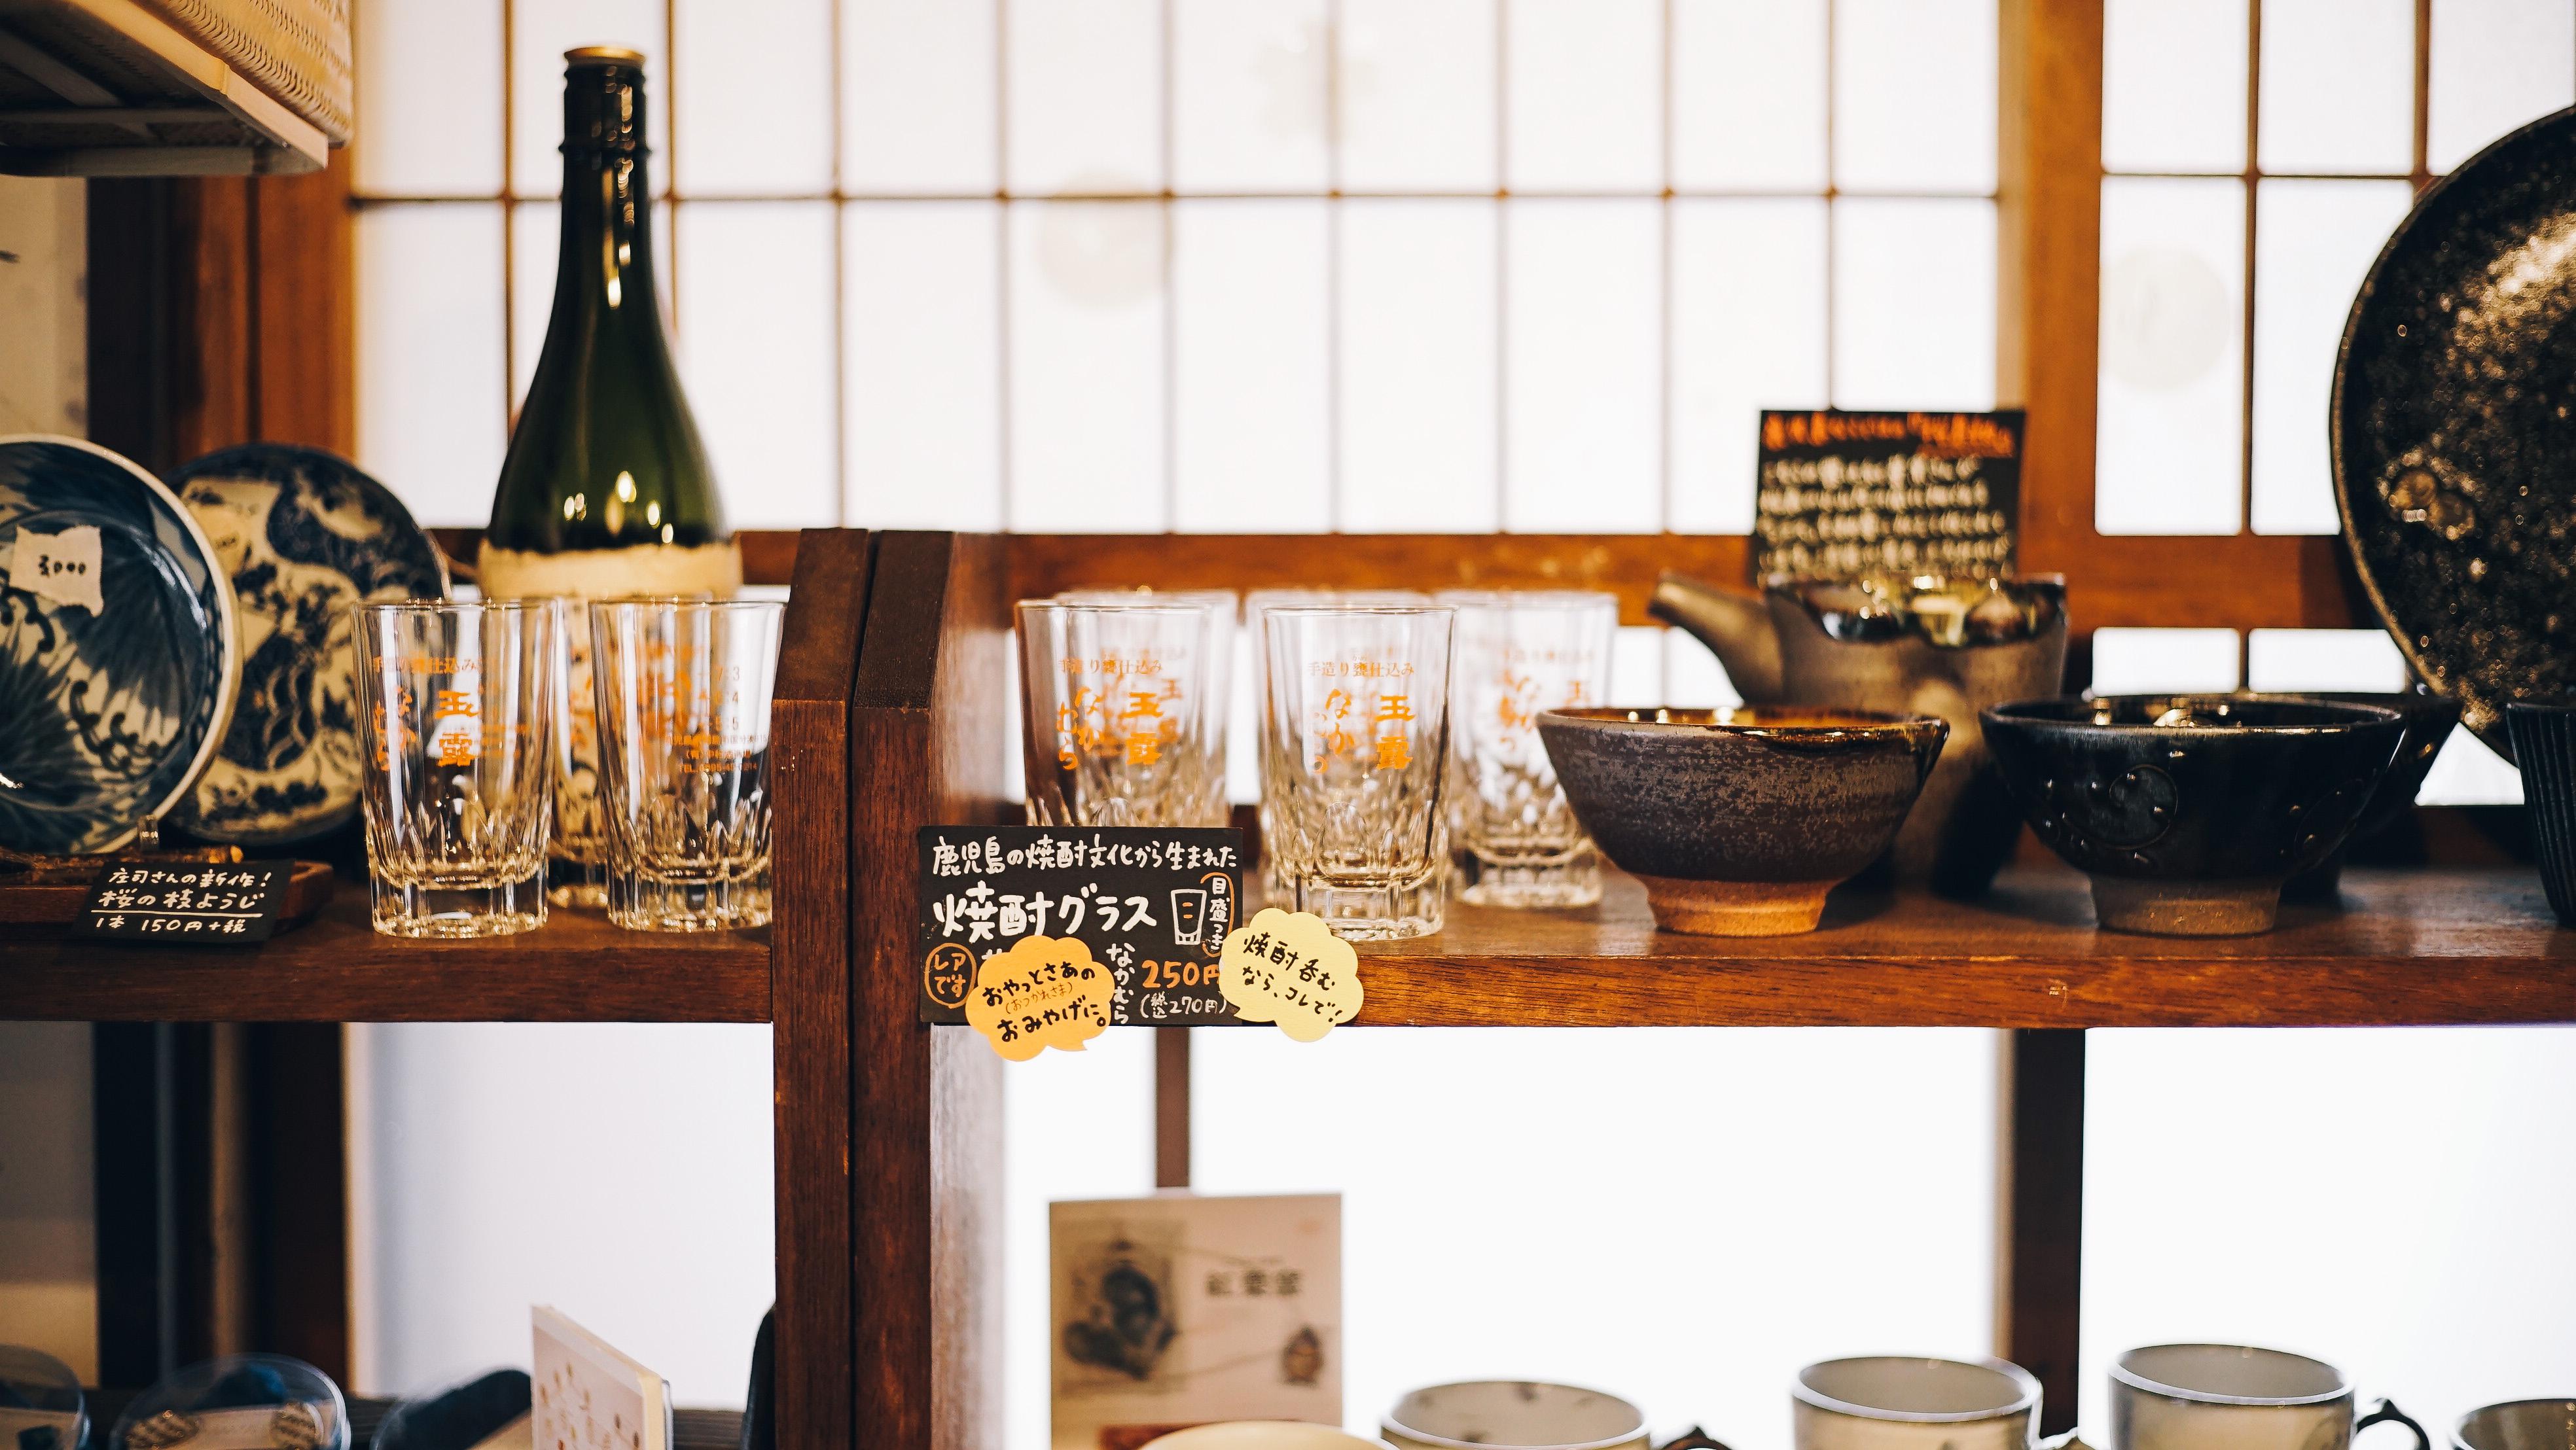 きりん商店の焼酎グラス